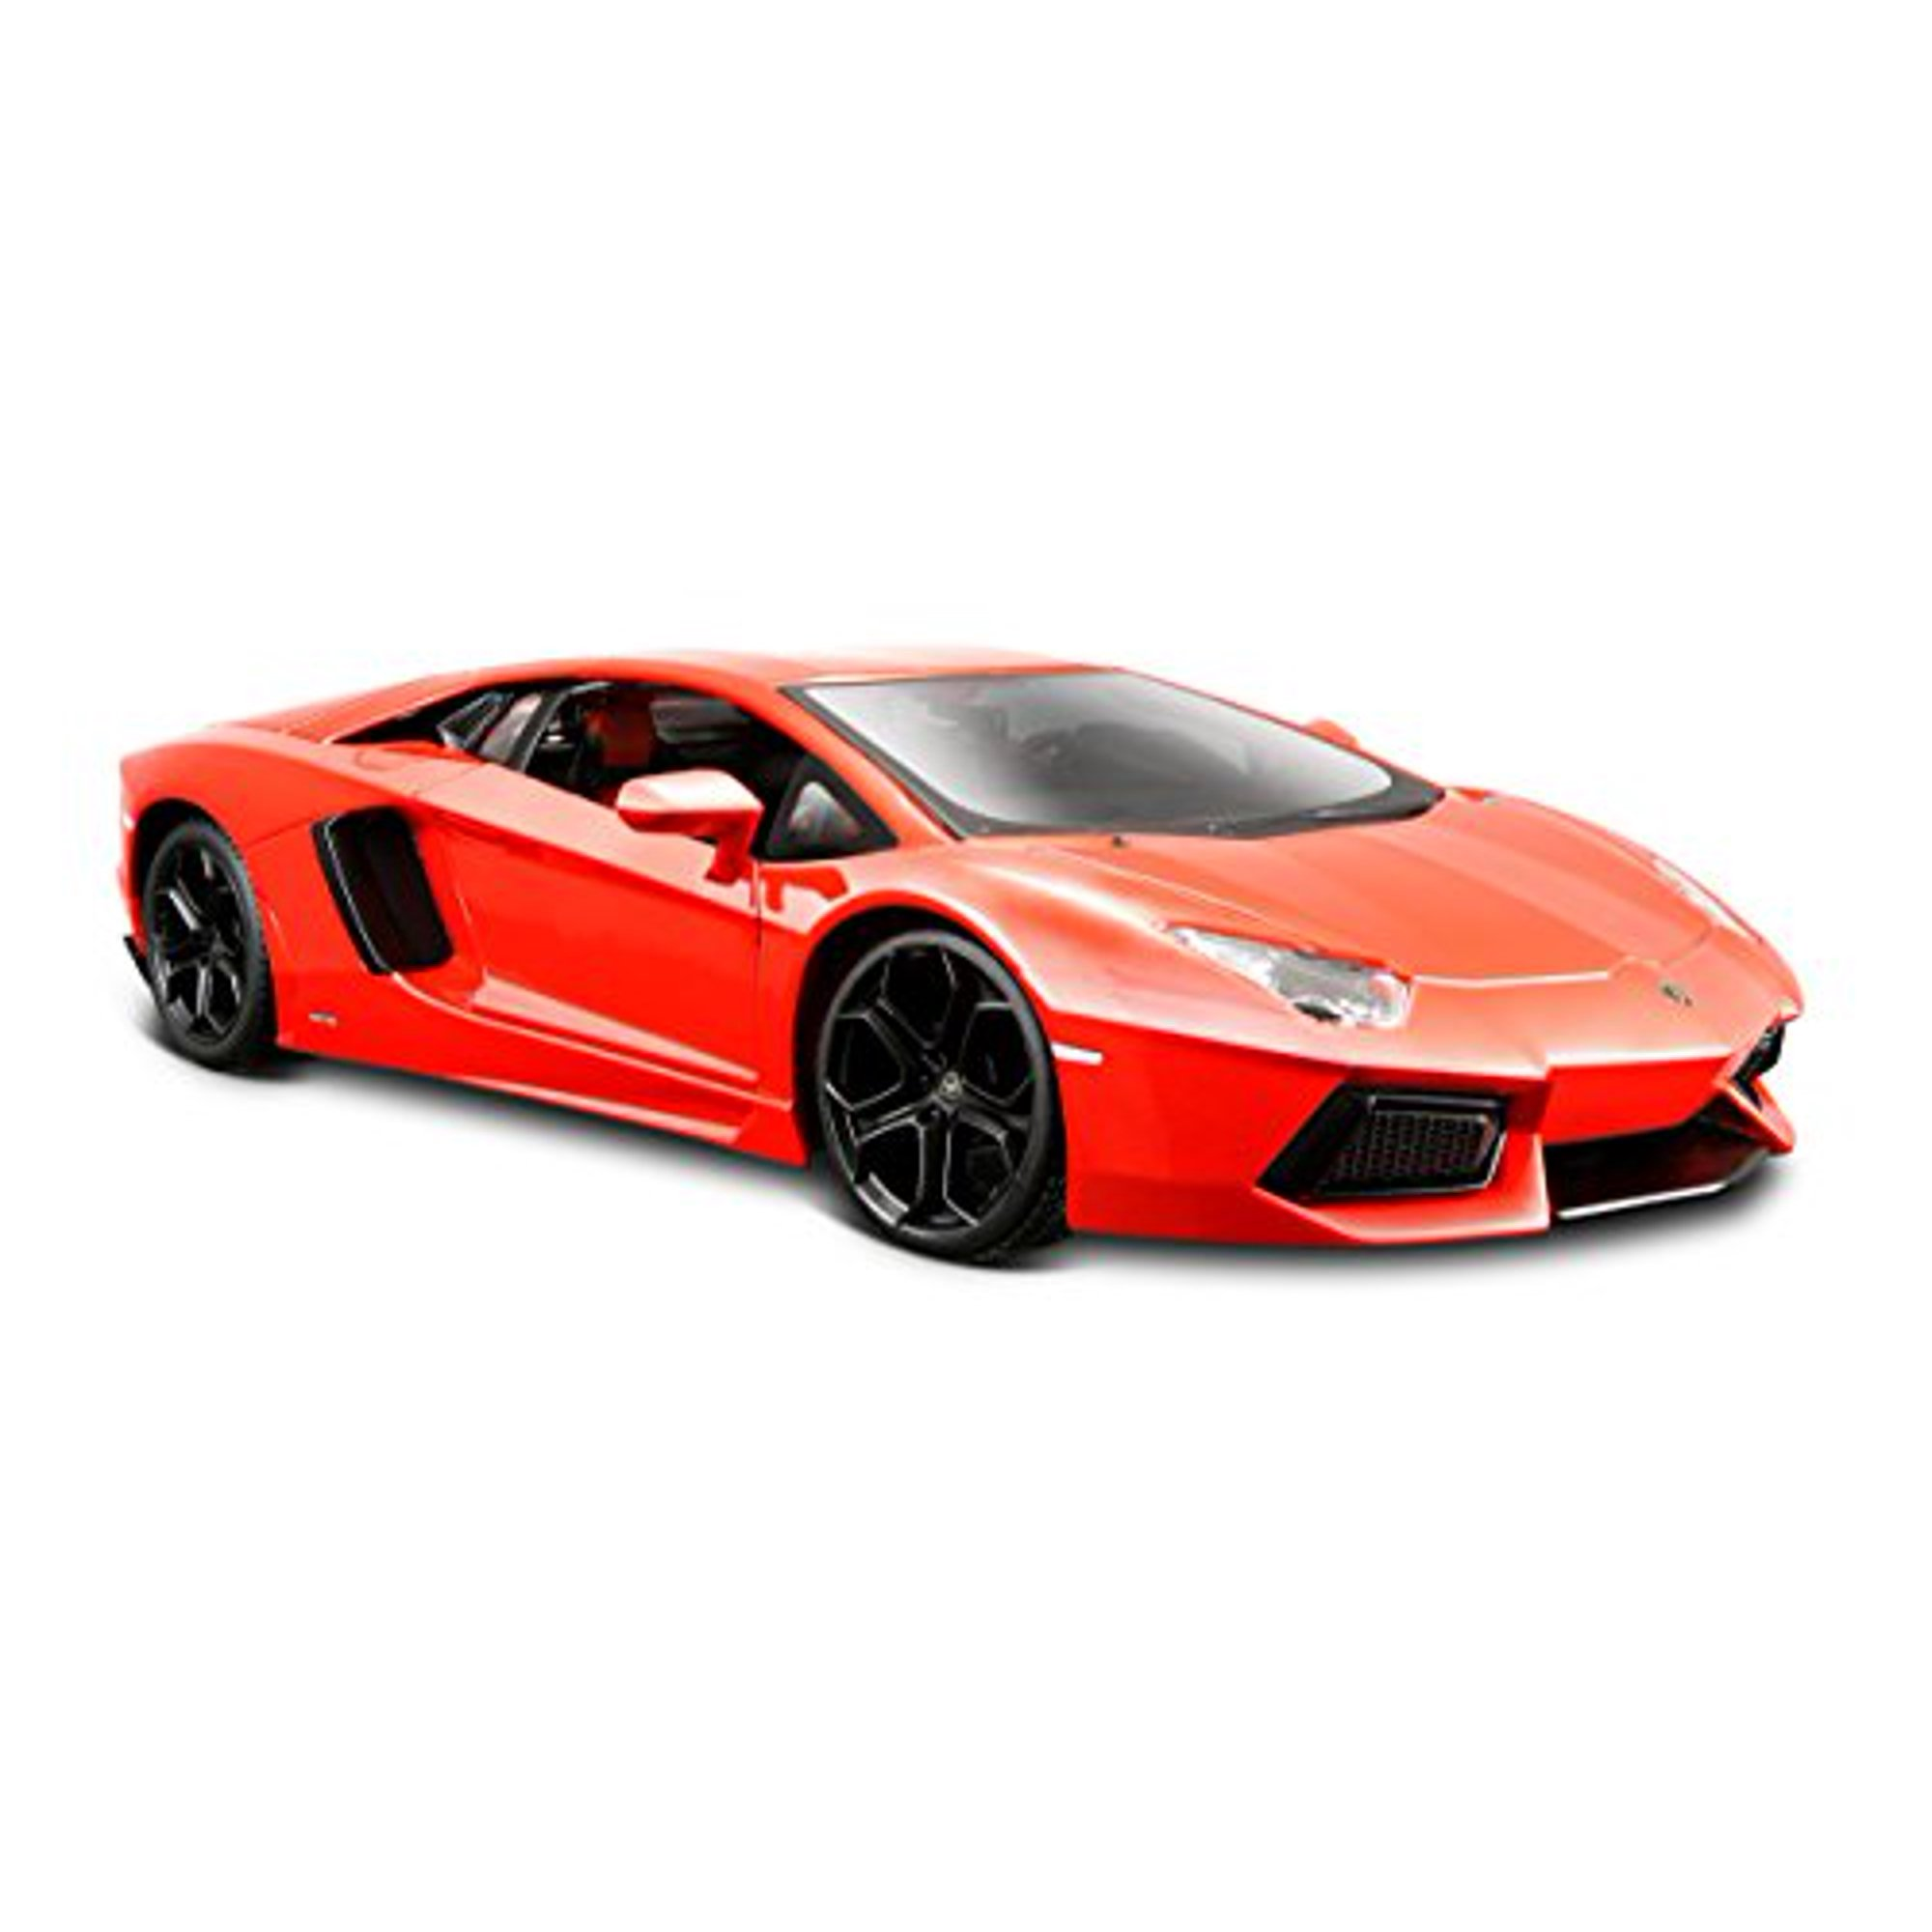 Maisto 1 24 Scale Lamborghini Aventador Lp 700 4 Diecast Vehicle